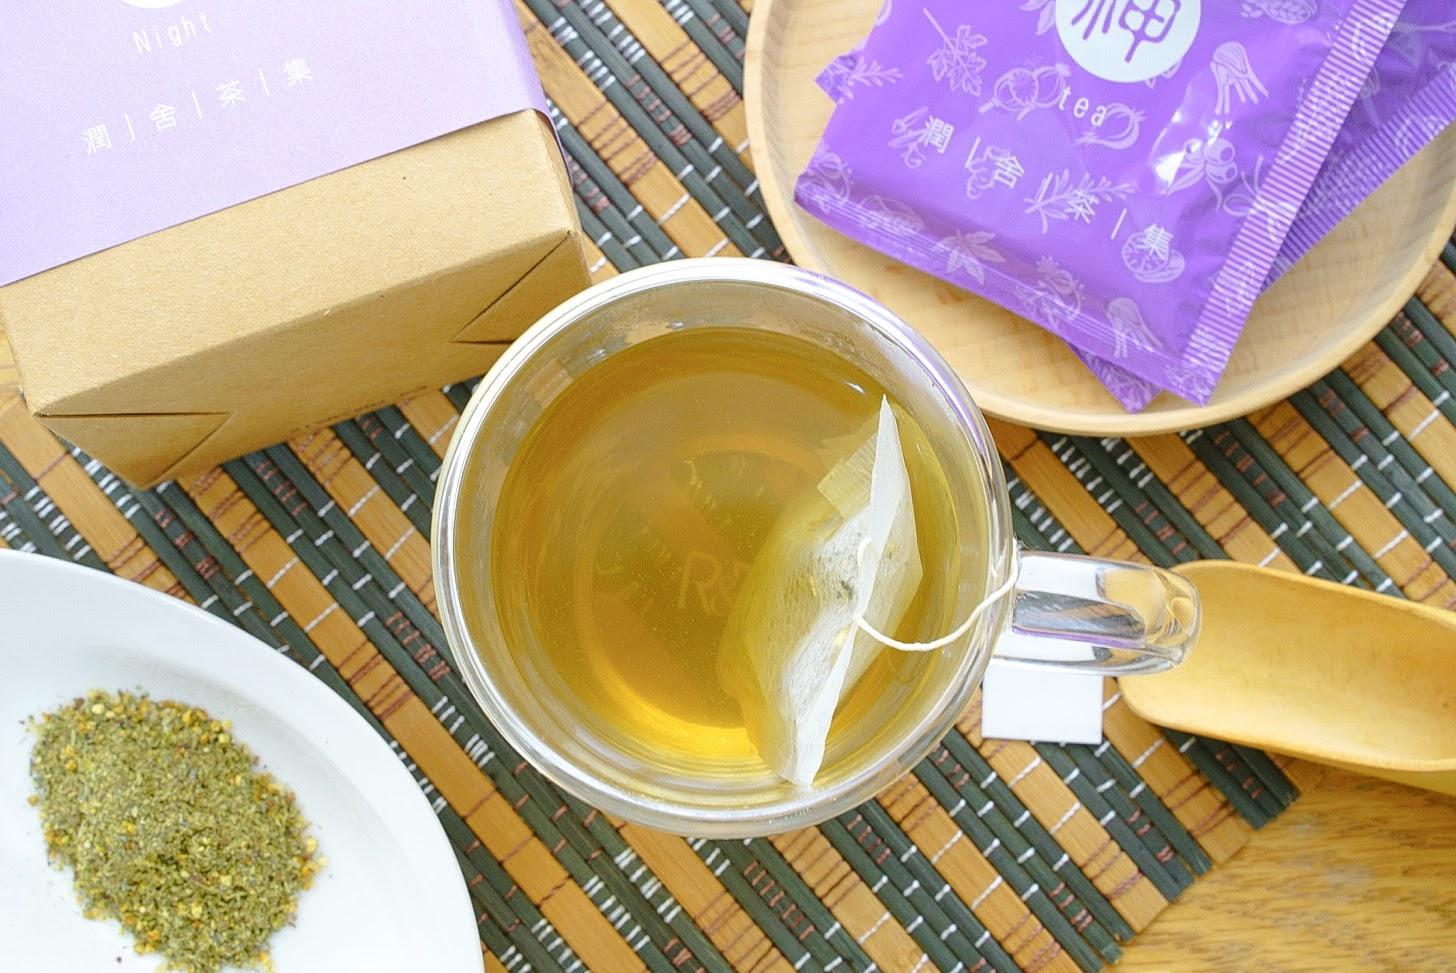 【美食】潤舍茶集「晚安茶」放鬆你的情緒、舒緩你的壓力,天然草本無咖啡因陪你一起睡好眠